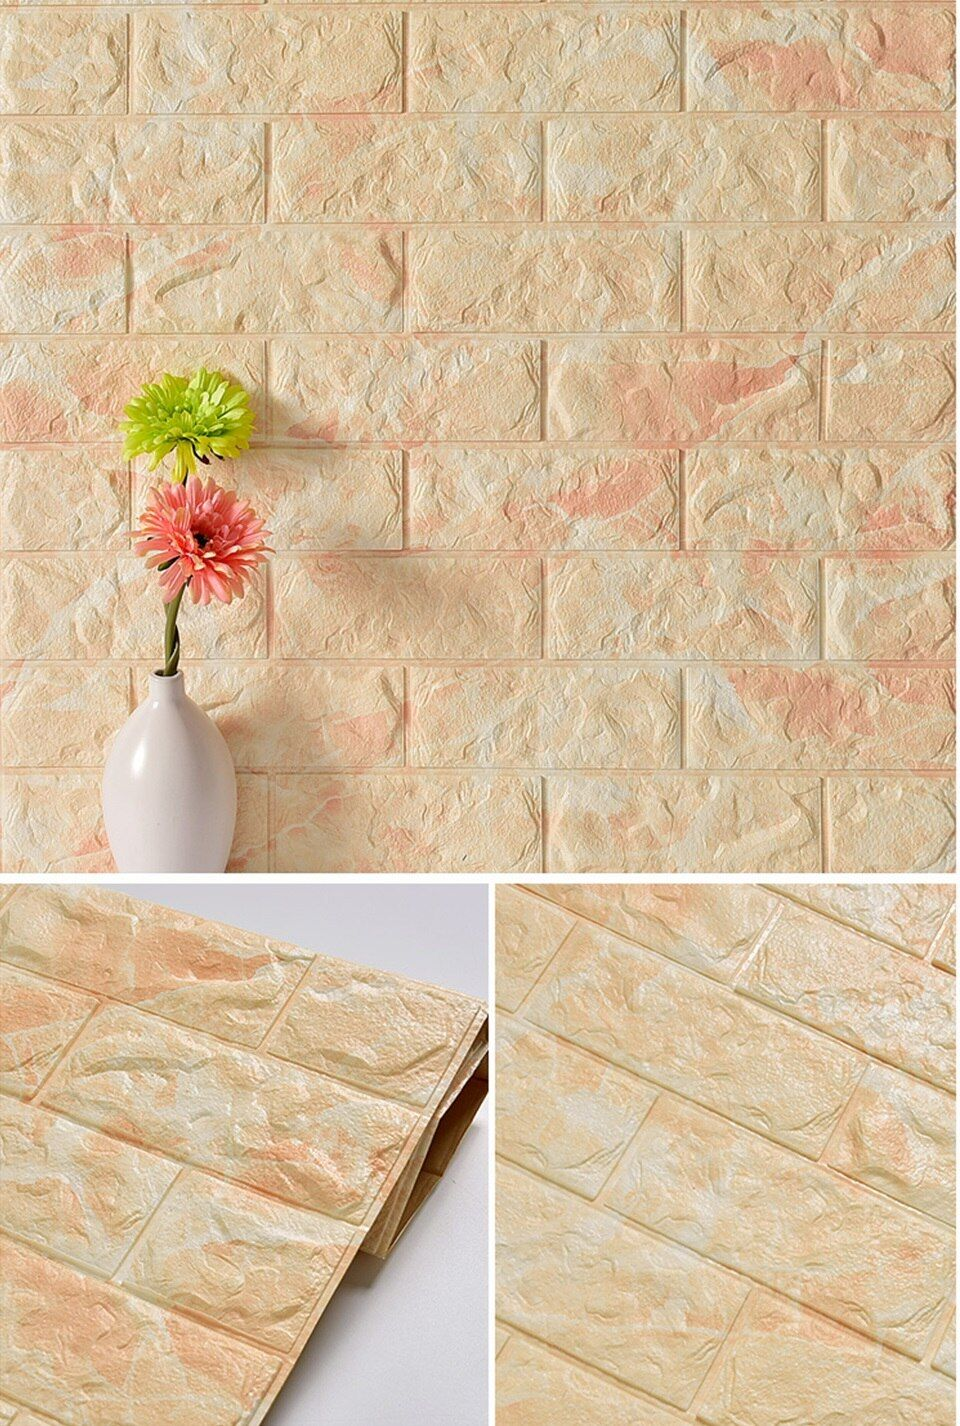 Waterproof Foam Brick 3d Wall Panel Diy Self Adhesive Wallpaper For Kids Room Bedroom Wall Decor 3d In 2020 Wall Paneling Diy Brick Living Room Brick Wall Living Room